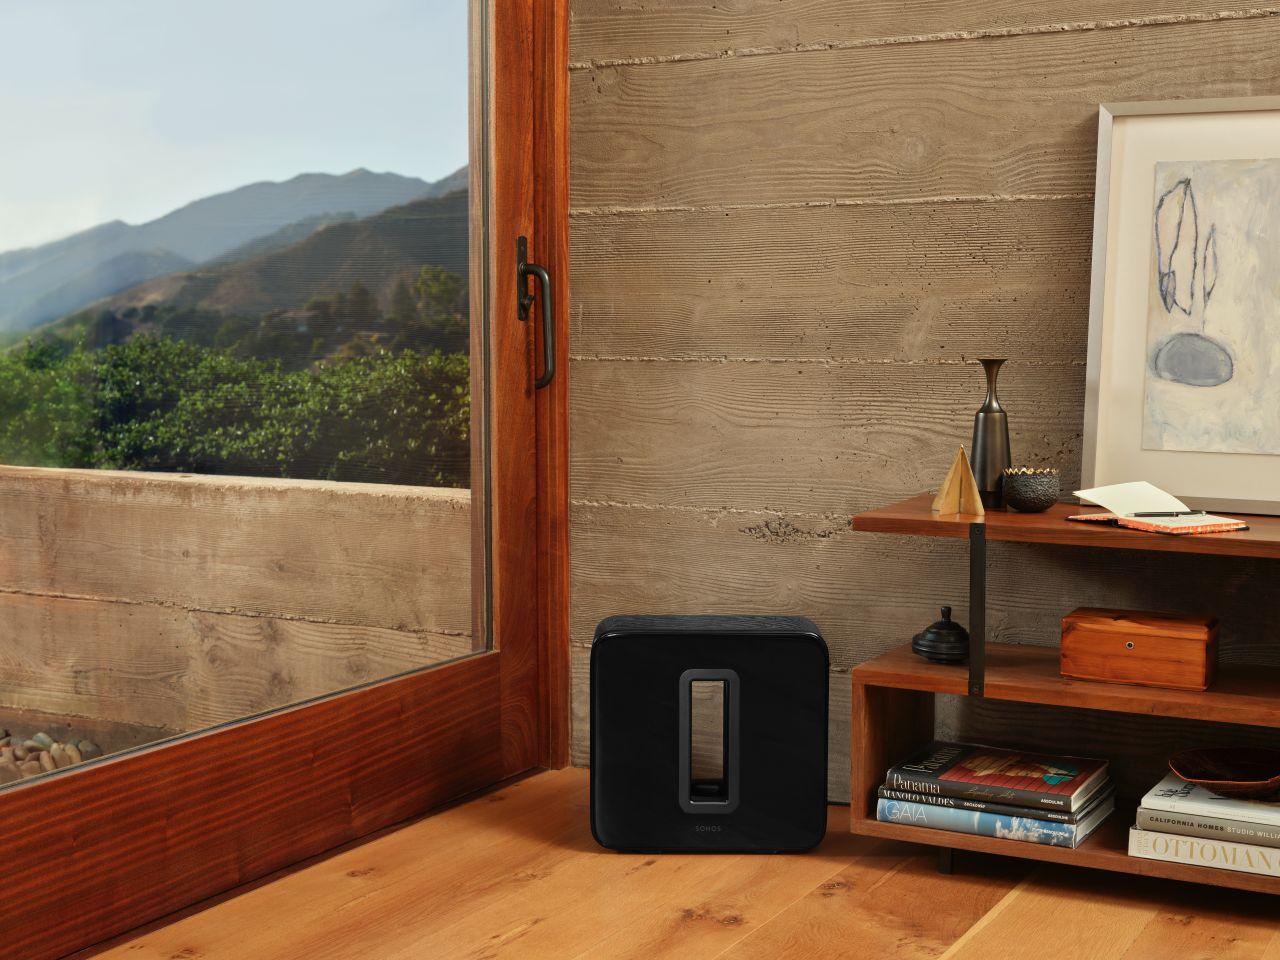 Sonos Sub im Zimmer